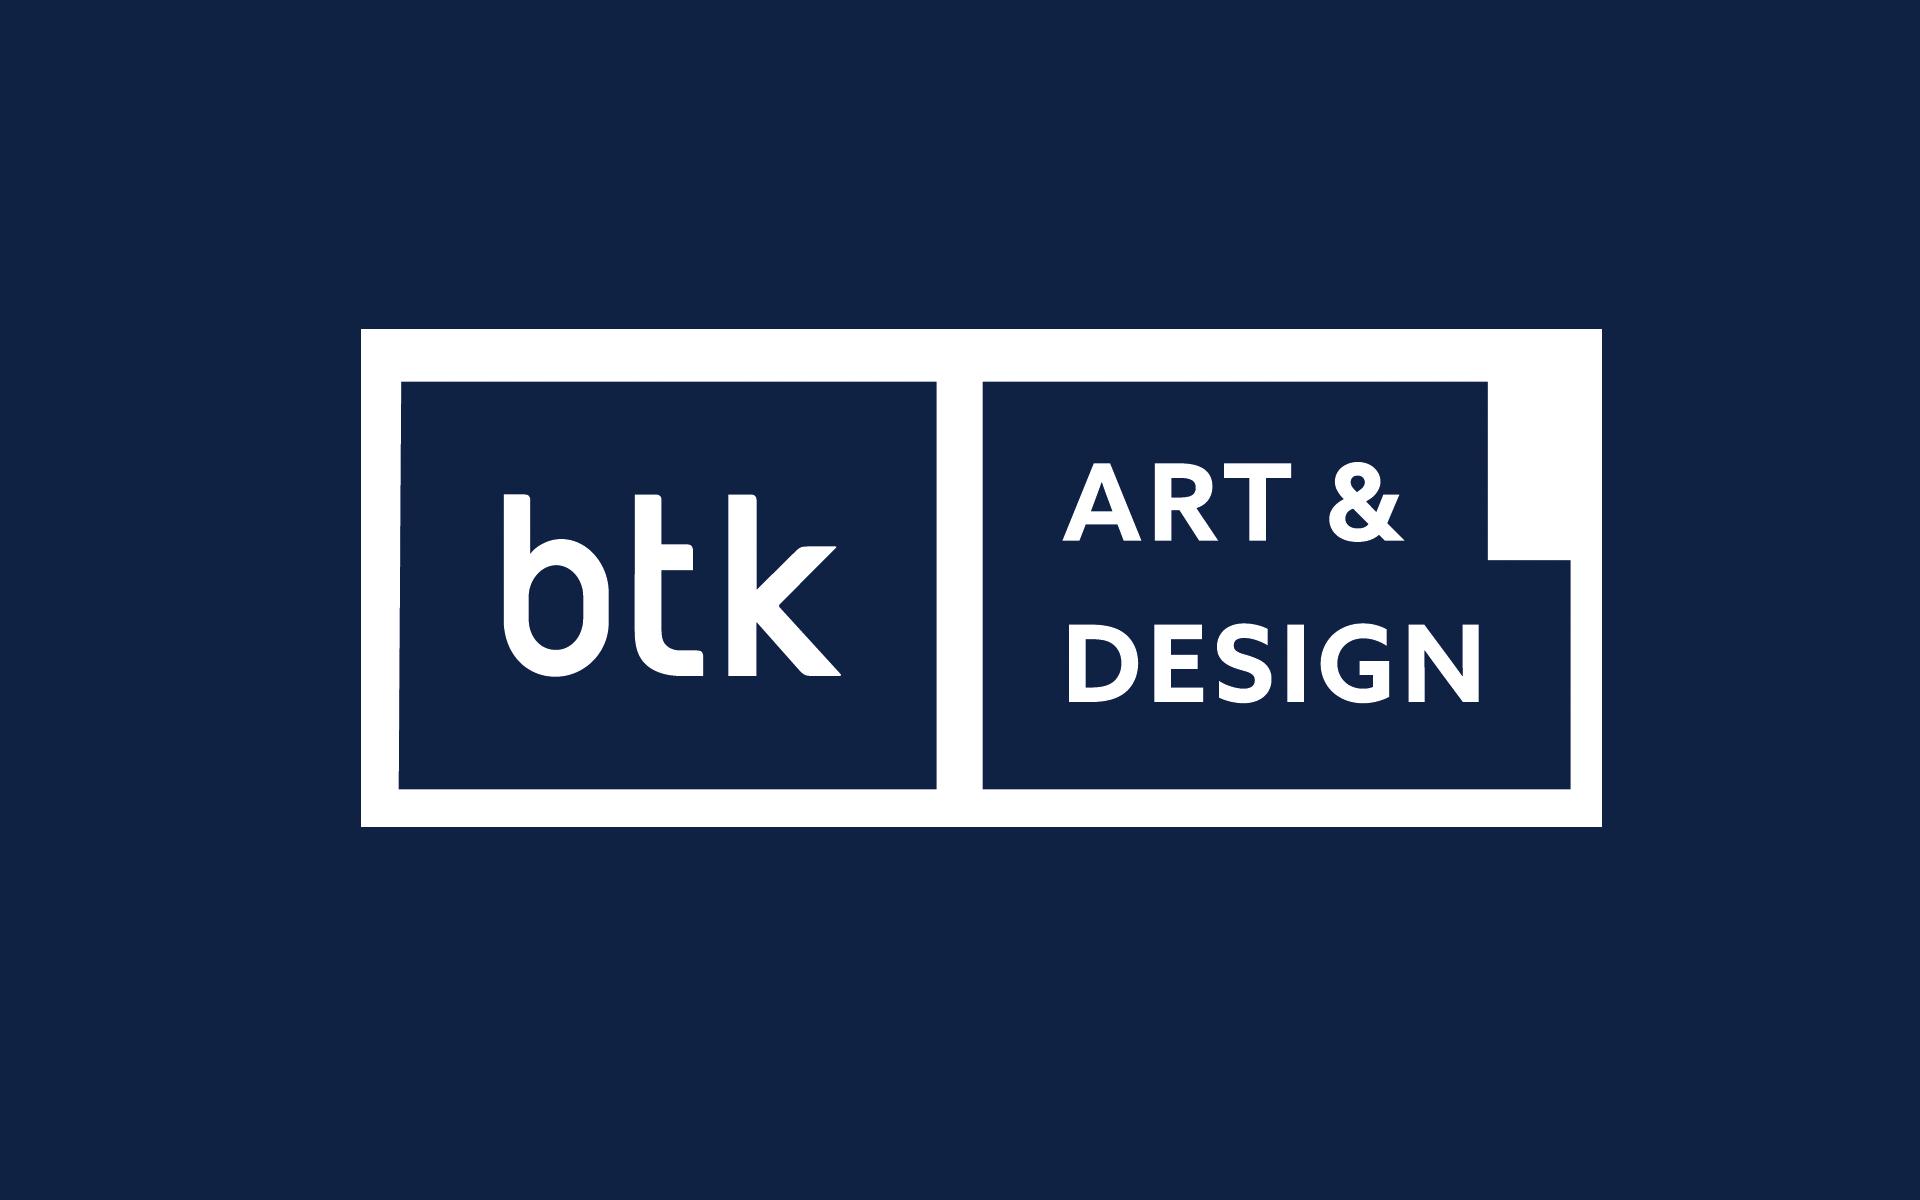 Die Berliner Technische Kunsthochschule ist eine private, staatlich anerkannte Hochschule mit Standorten in Berlin, Iserlohn und Hamburg.